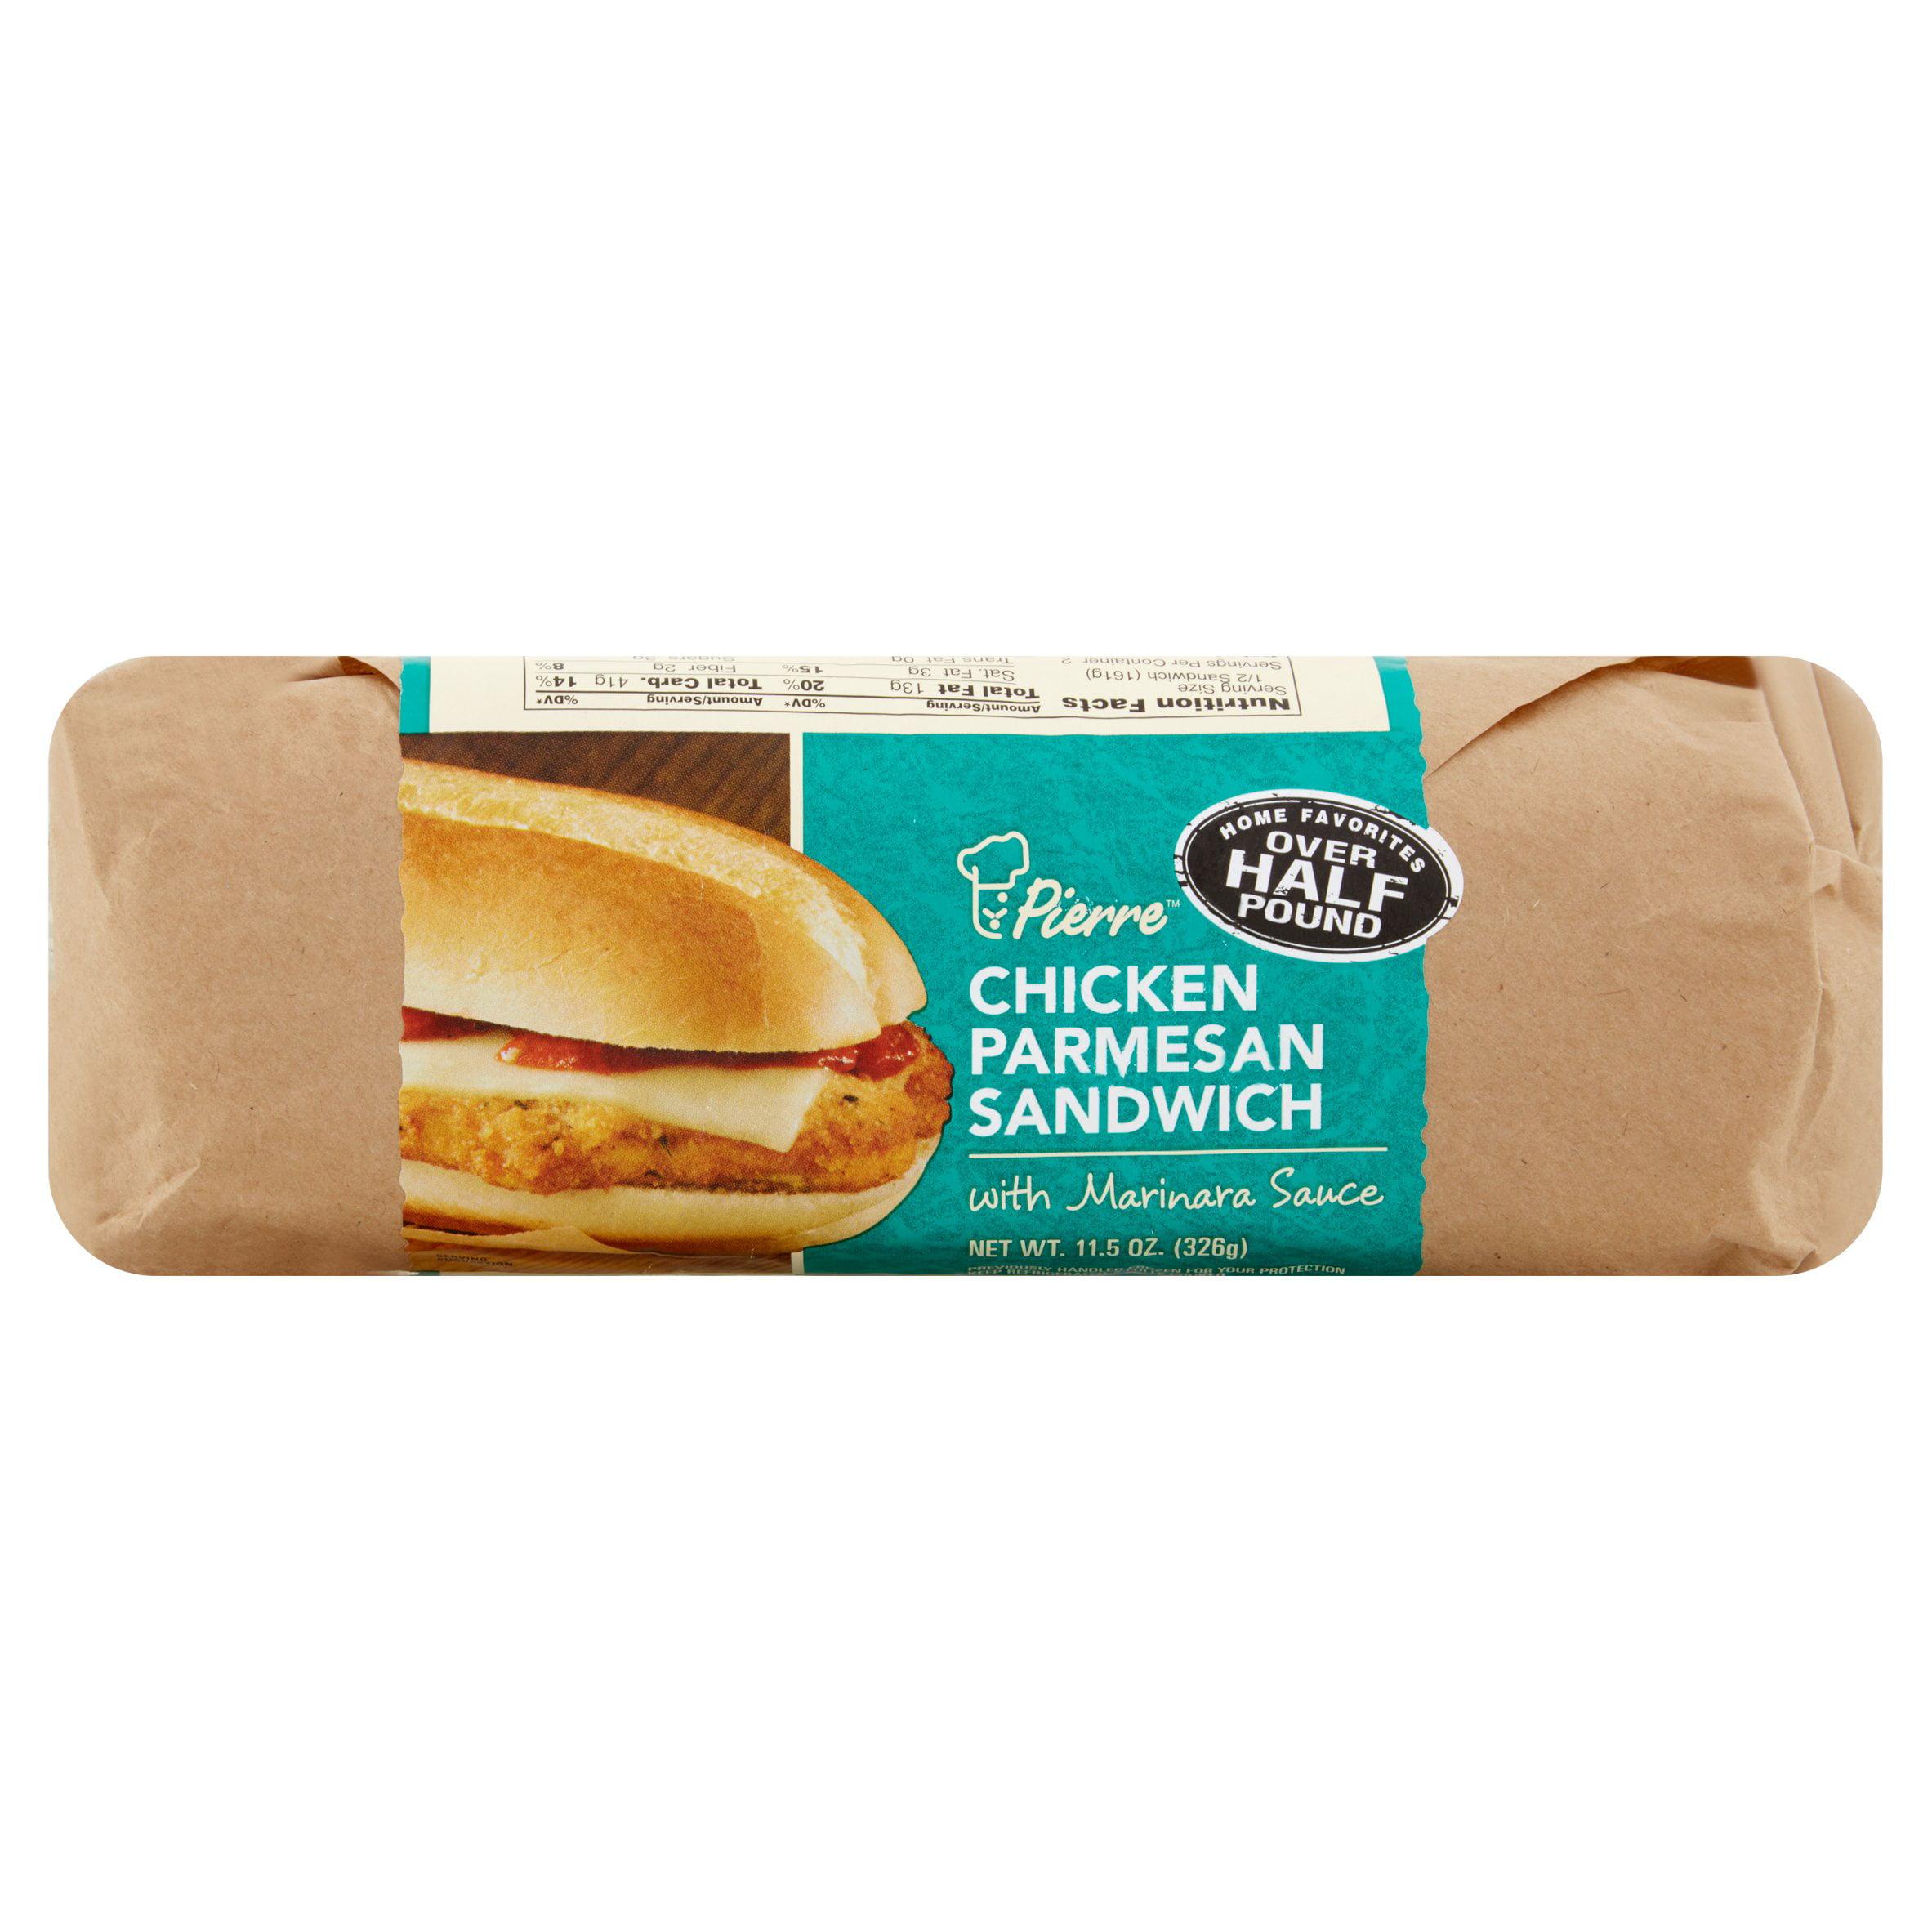 Pierre Chicken Parmesan Sandwich With Marinara Sauce 11 5 Oz Walmart Com